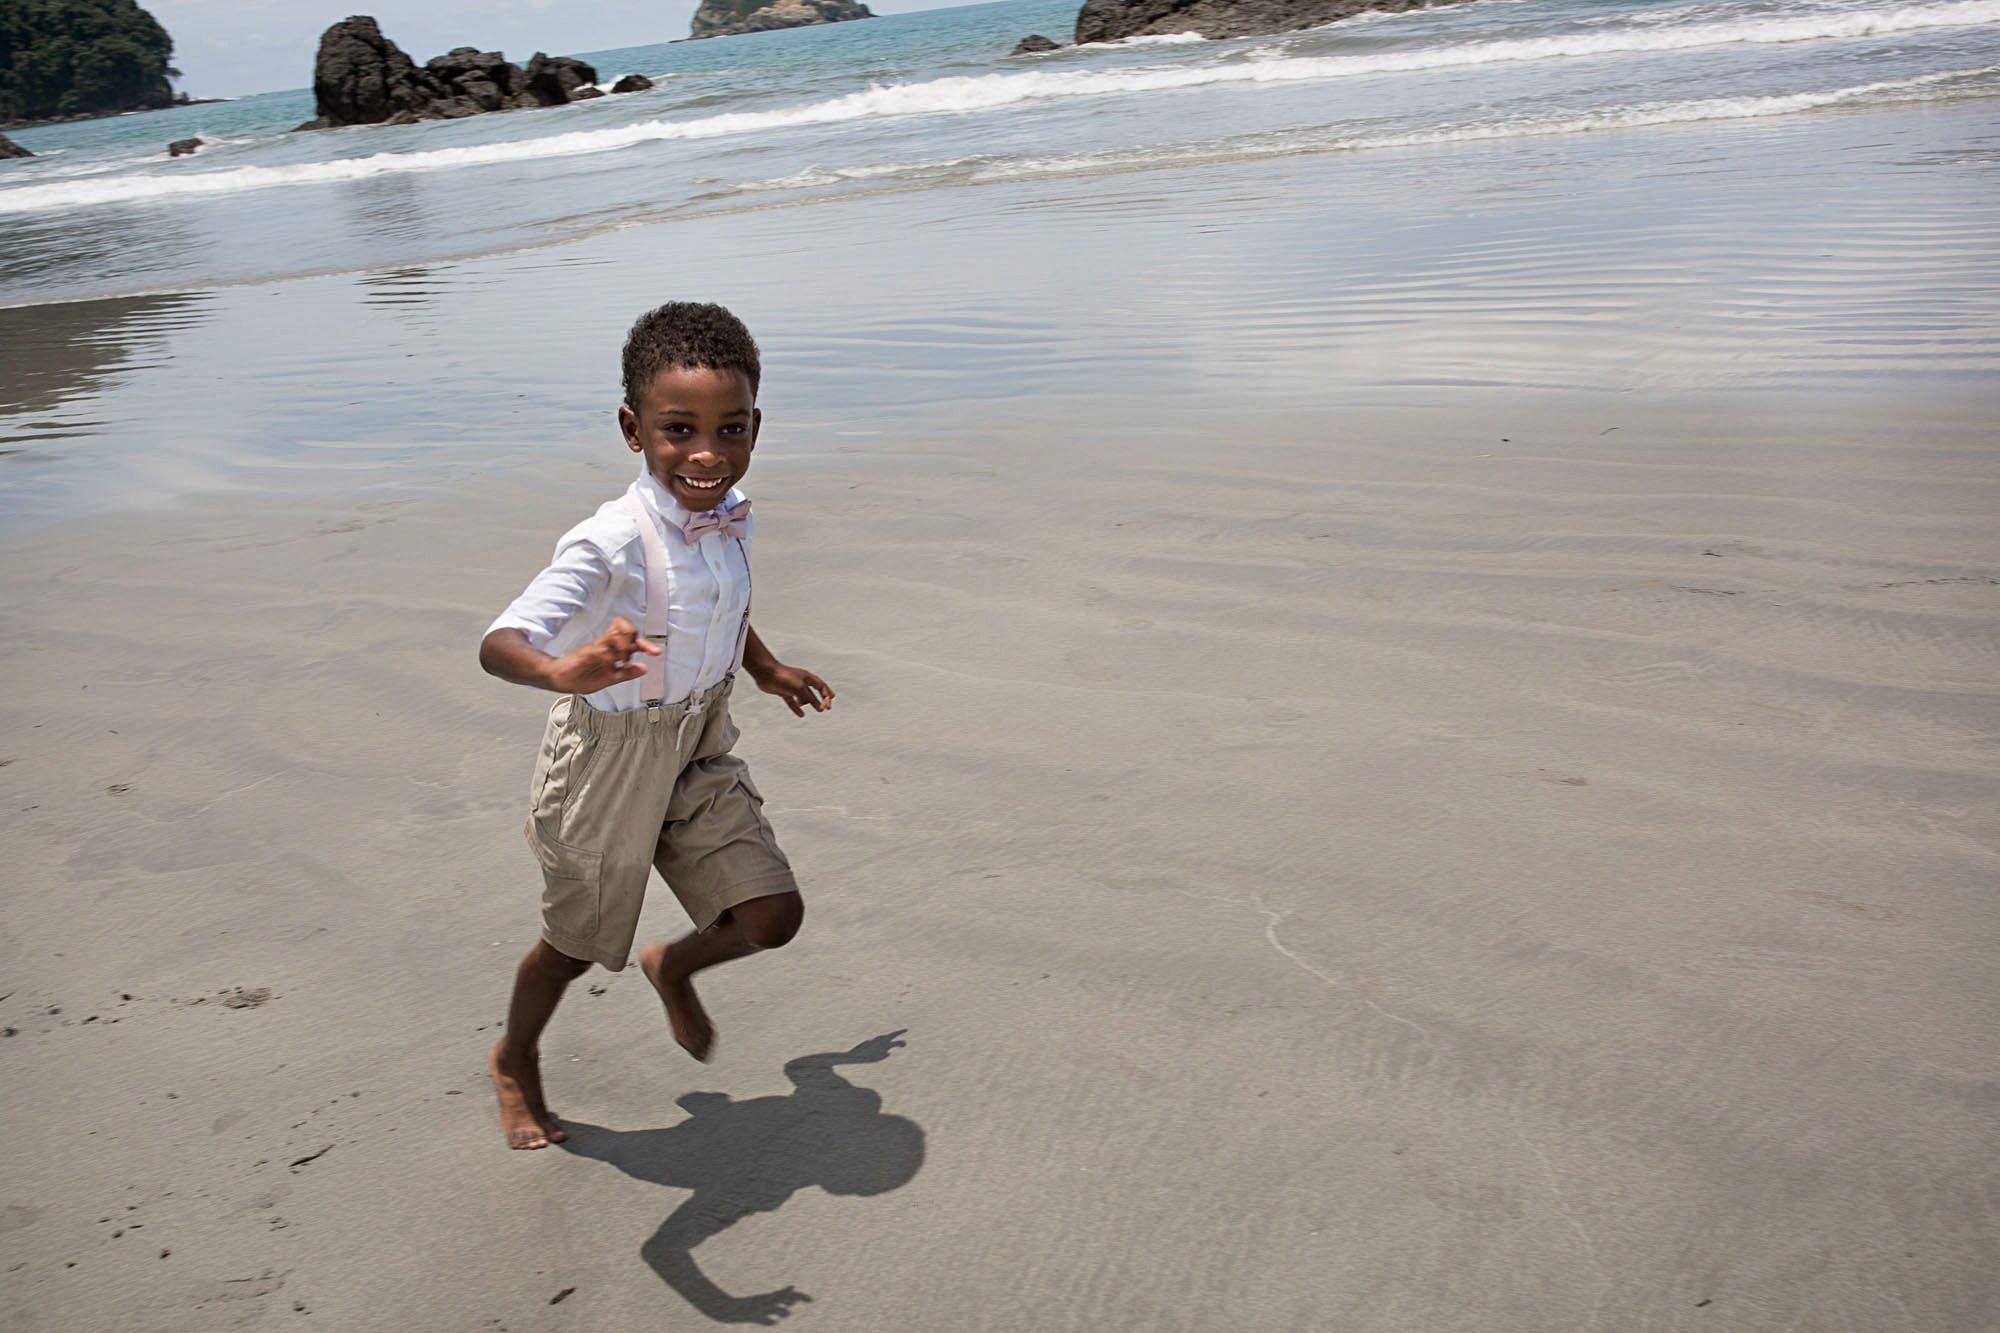 kid running on beach